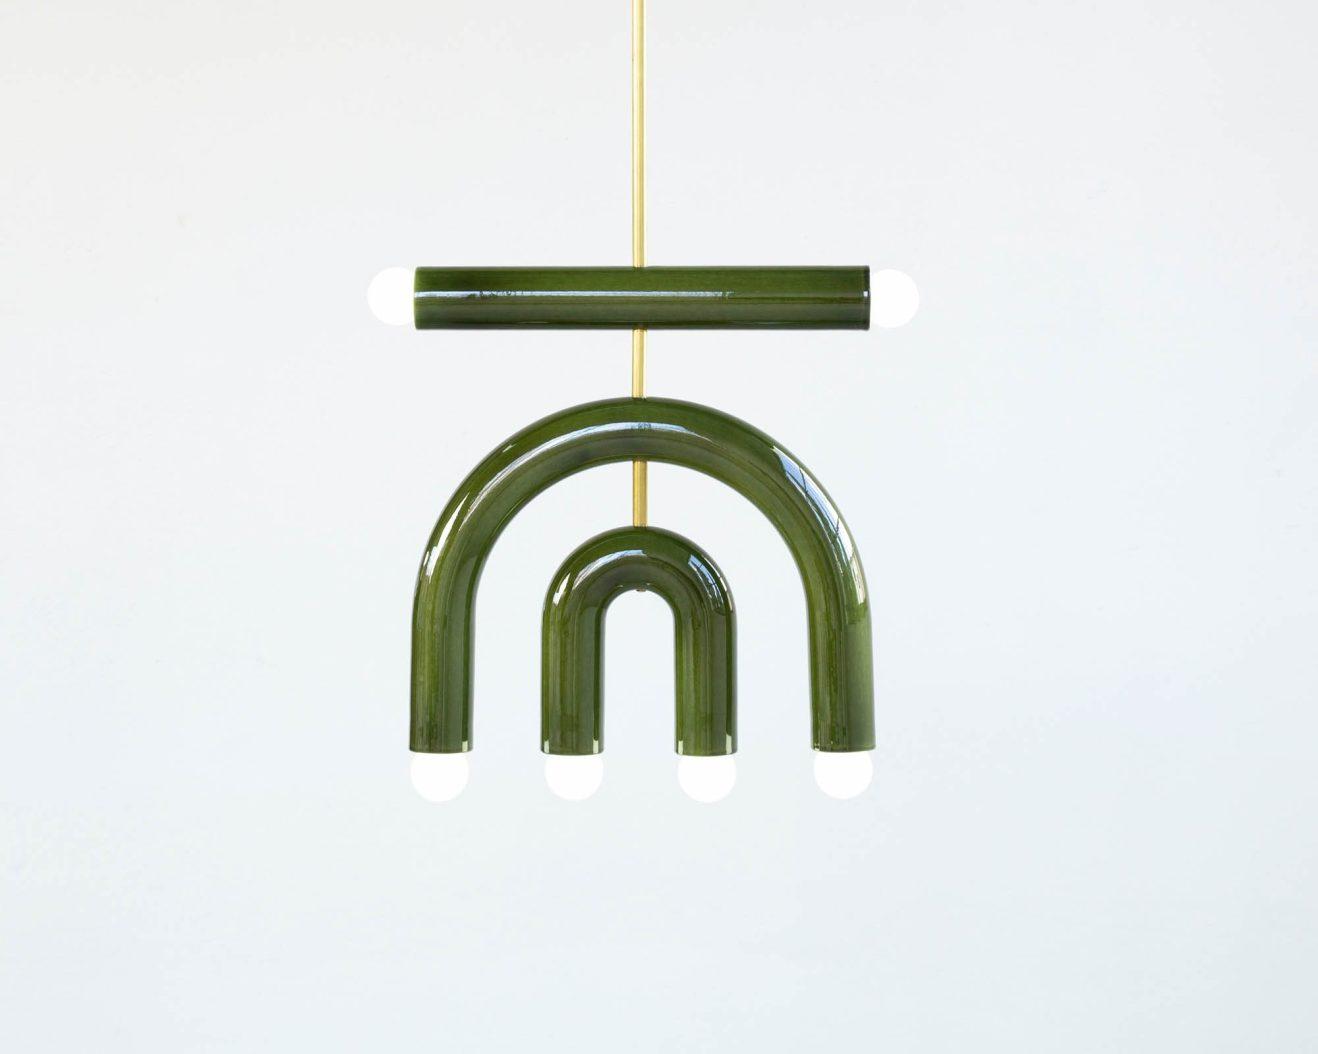 Pani-Jurek-Pendant-Lamp-TRN-D1-green